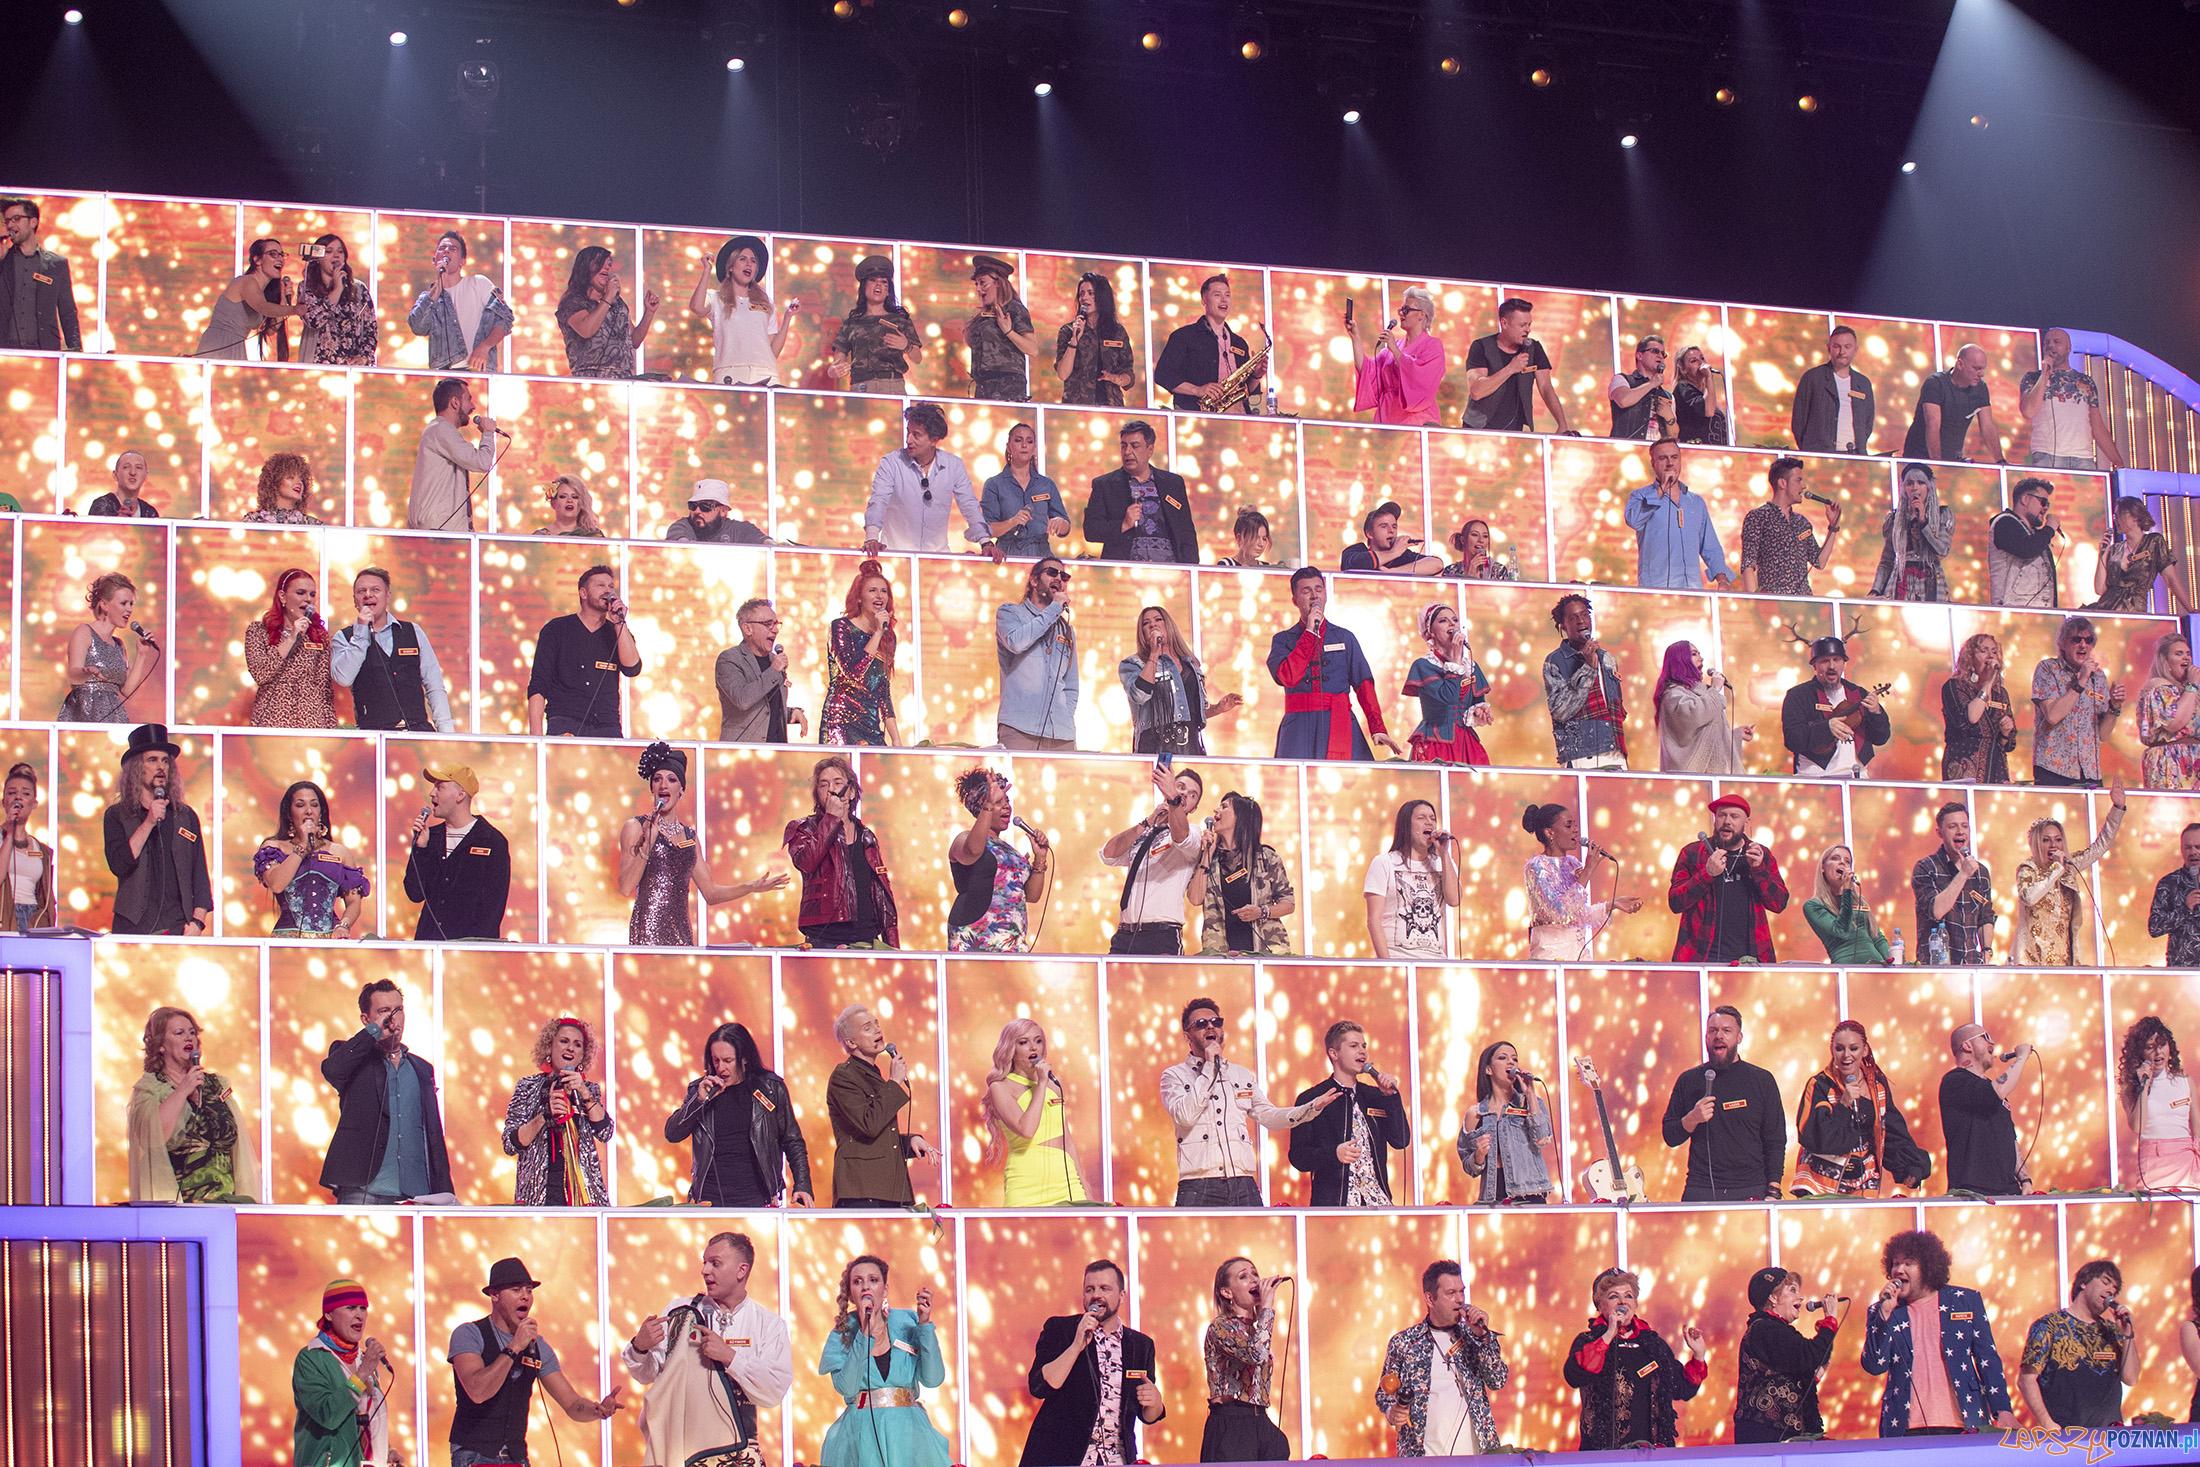 100 jurorów - Śpiewajmy razem. All Togeter Now  Foto: materiały prasowe